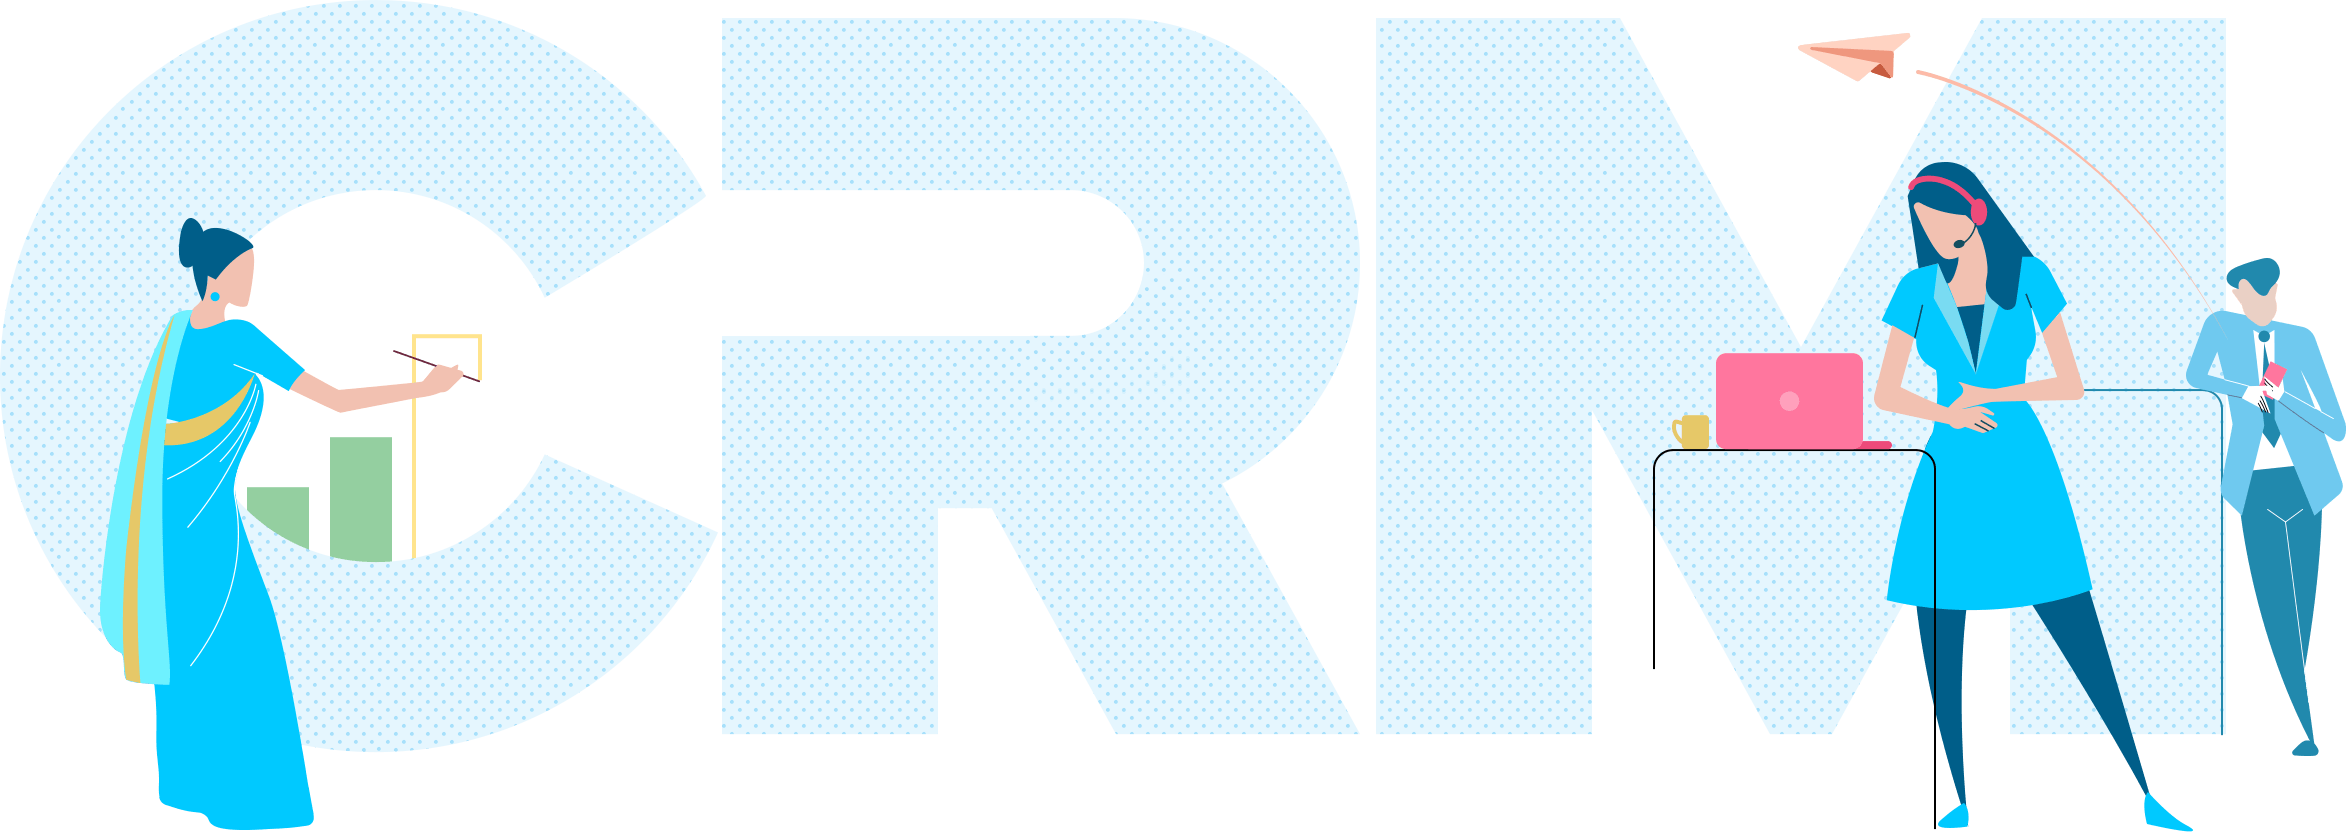 CRM banner Illustration